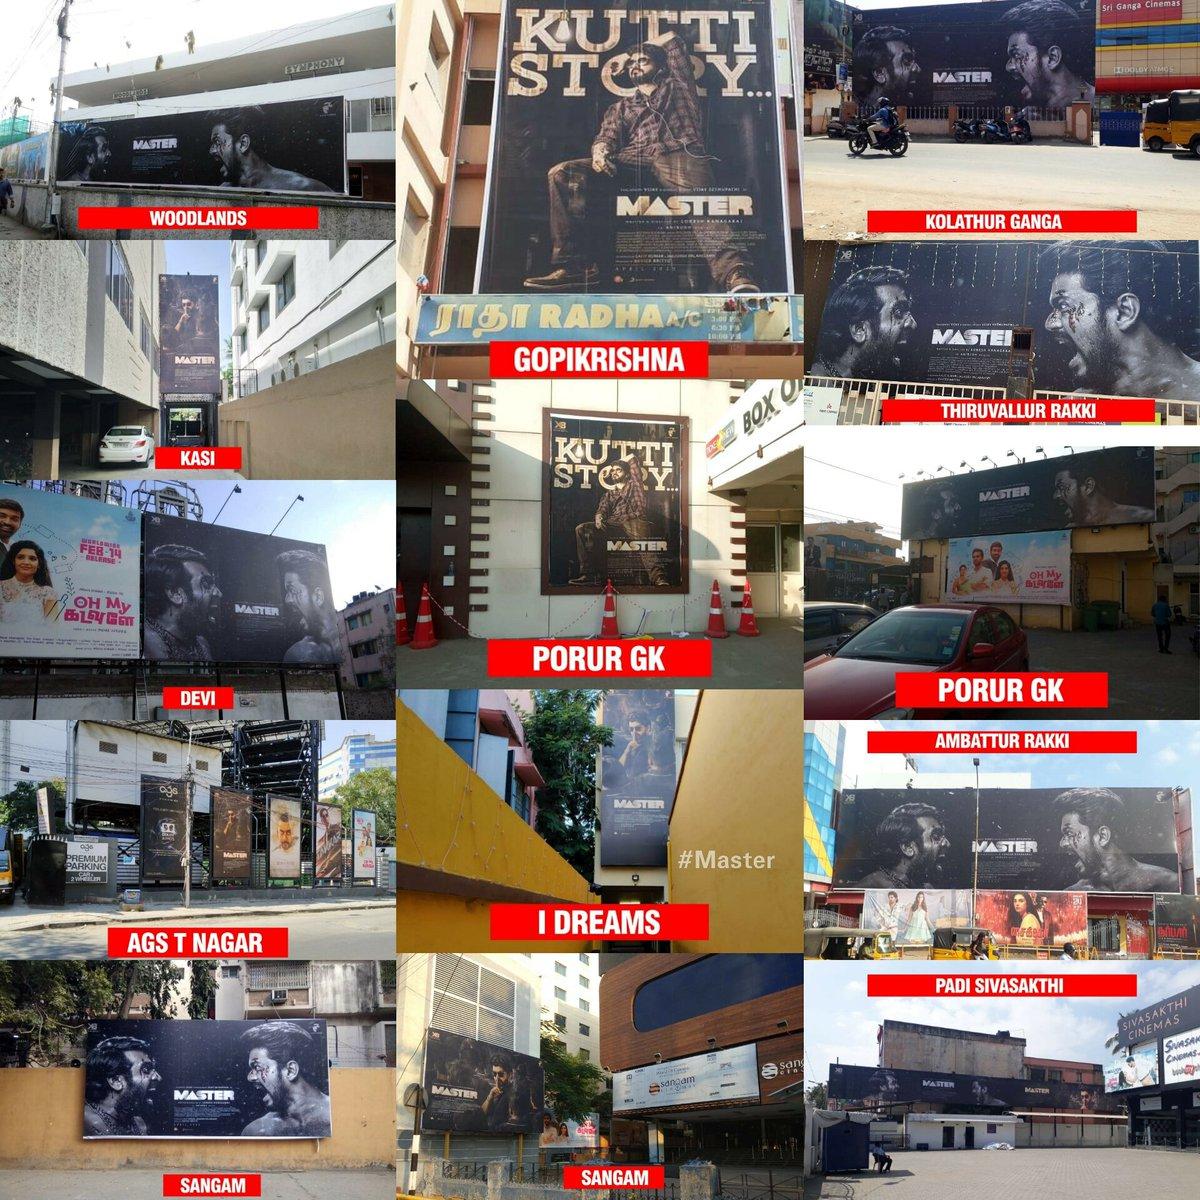 #ThalapathyVijay's #Master hoardings placed at Chennai Theatres! Follow @xbcreation  1) @kasi_theatre  2) @GKcinemas  3) @ganga_cinemas  4) @SangamCinemas  5) @agscinemas  6) @rakkicinemas  7) @Sivasakthicinem  8) @Marlencinemas 9) #Woodlands 10) #IDreamCinemas 11) #Devicinemas